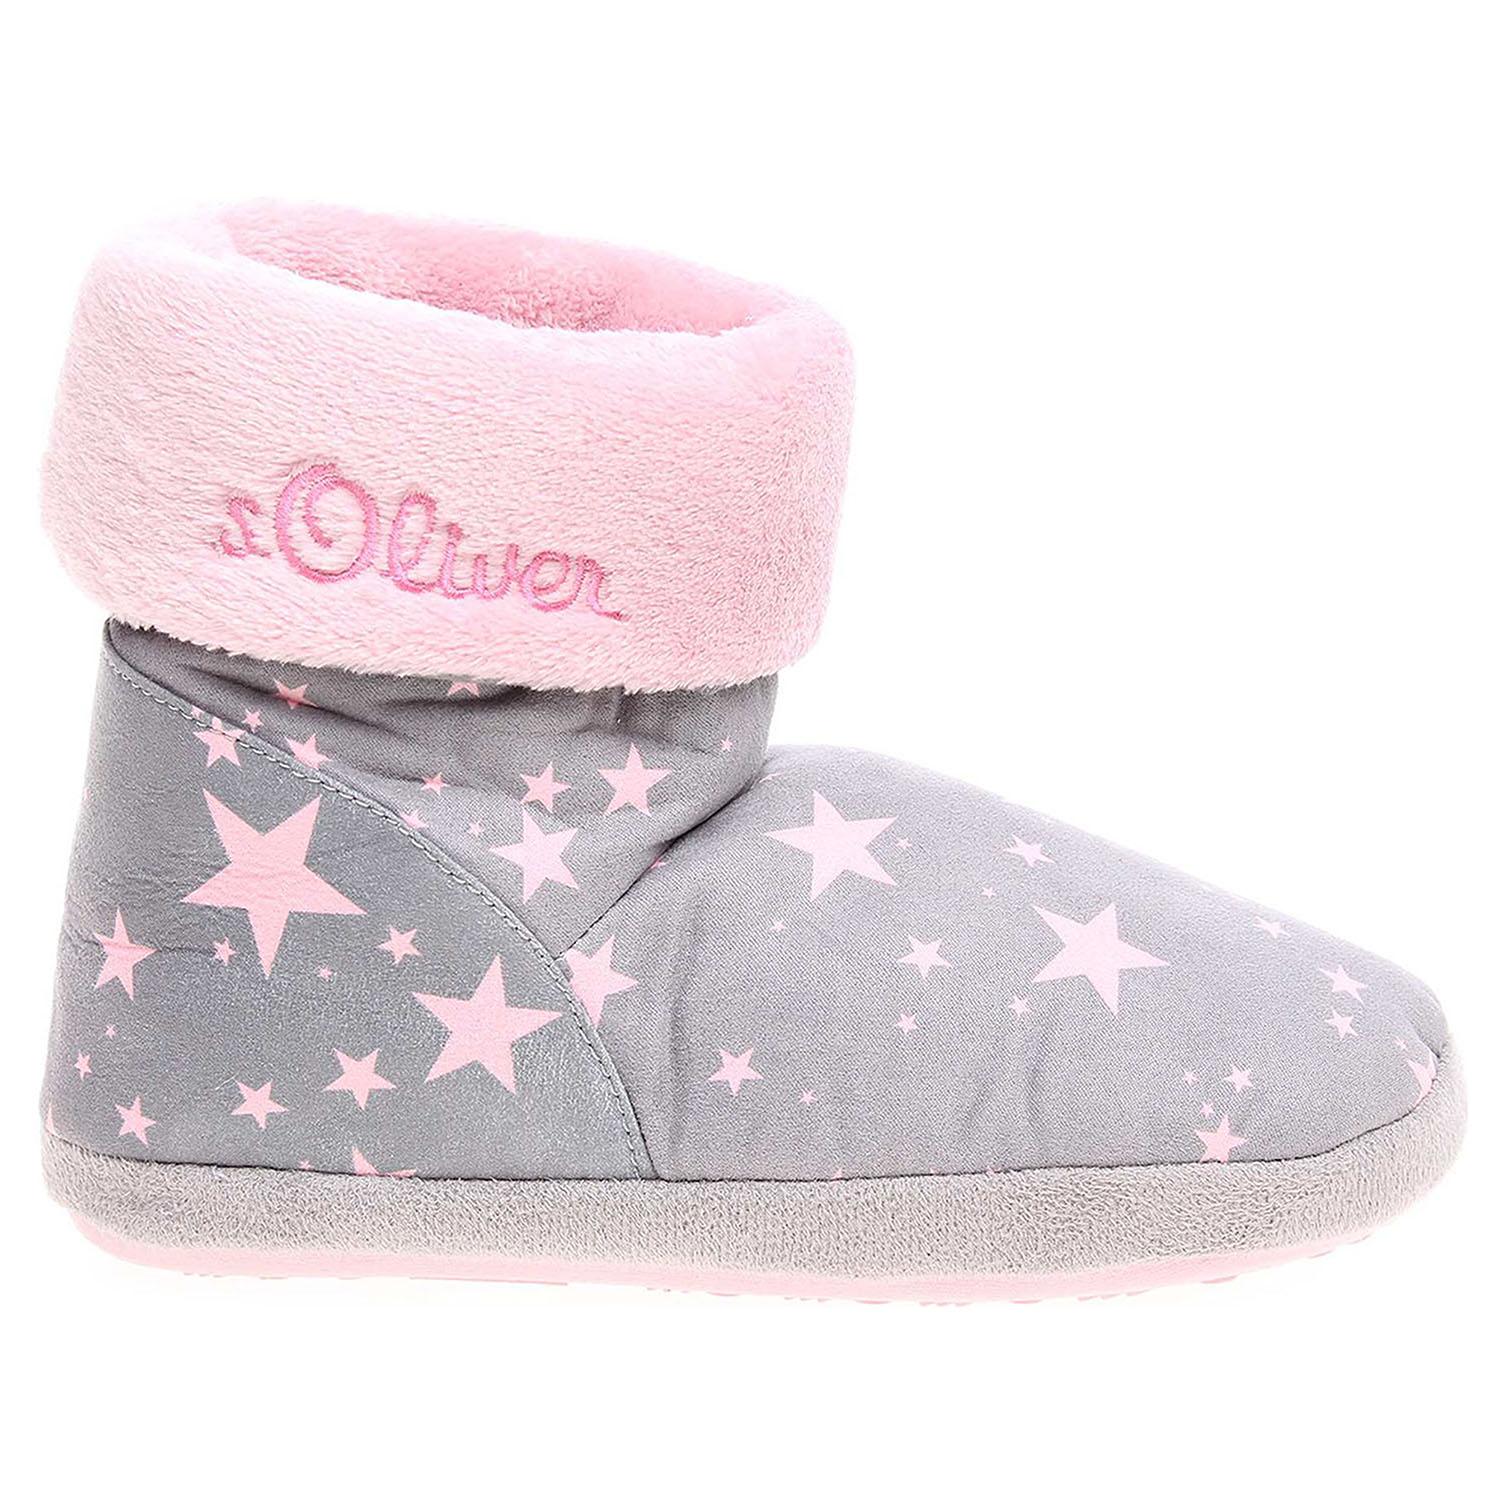 Oliver dívčí domácí obuv 5-35438-39 grey comb 26900173 e5ac8c7cc1